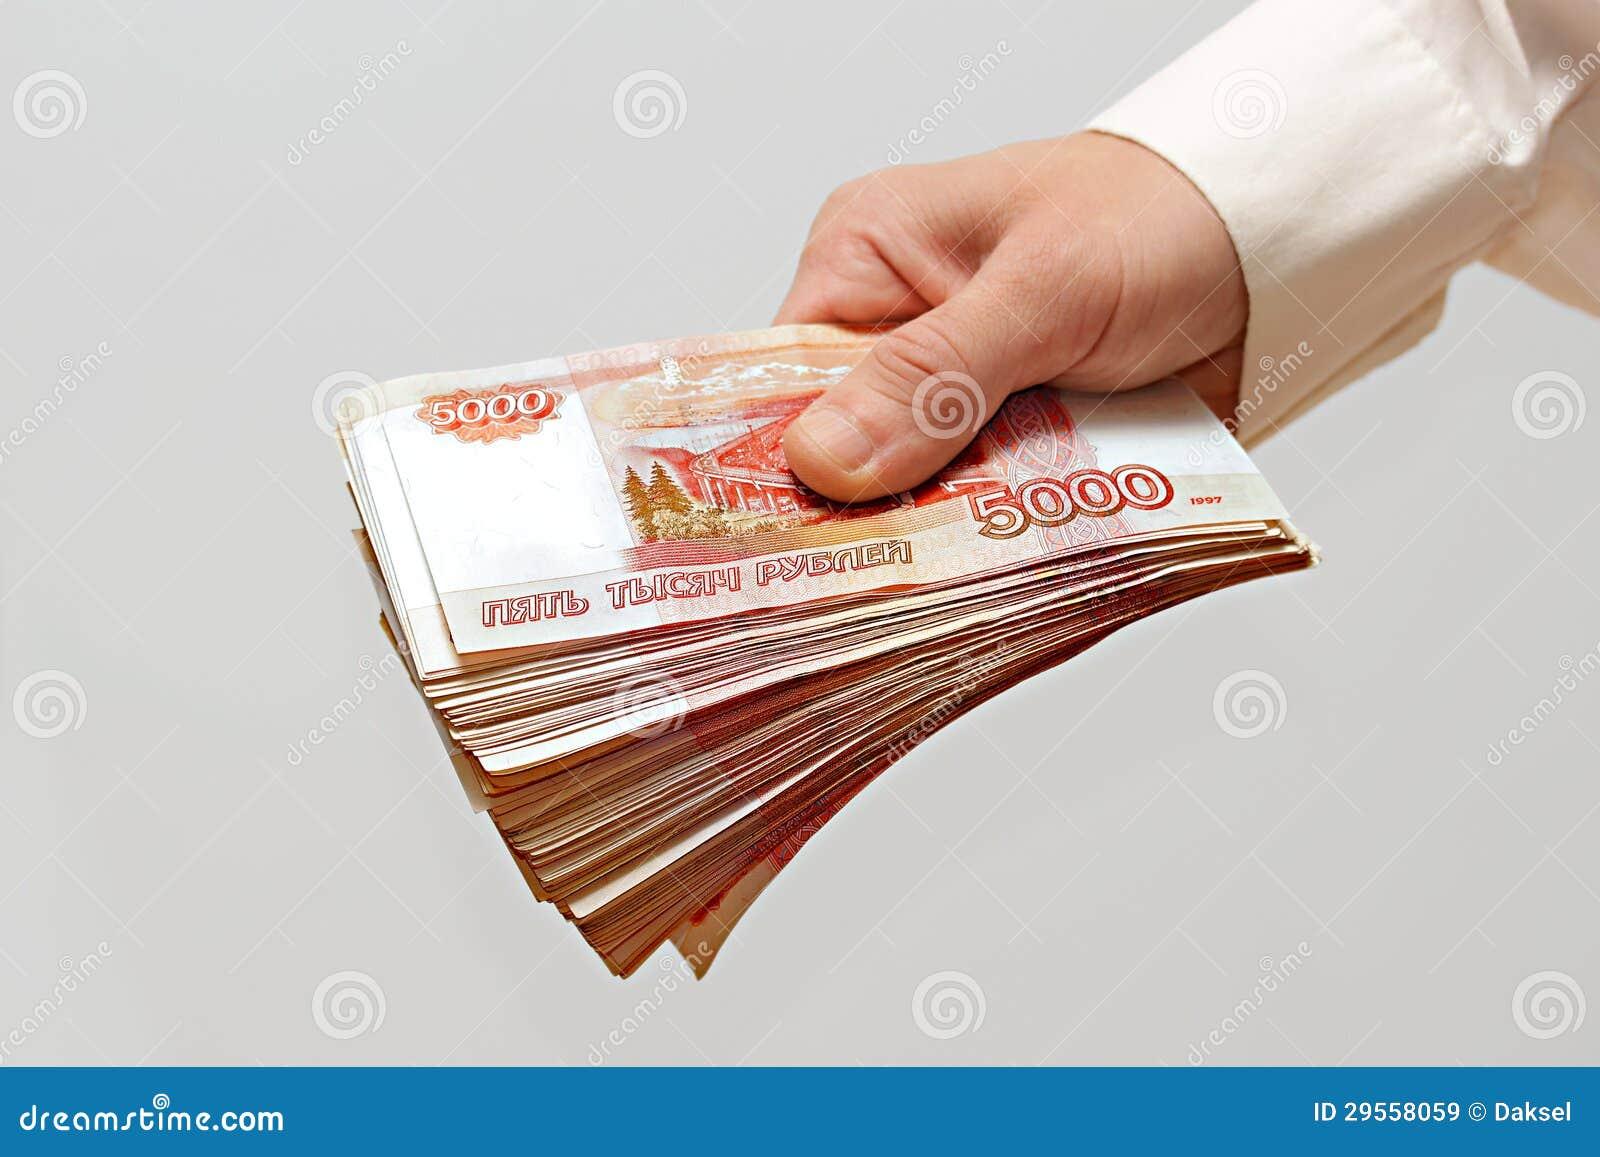 Халявные деньги за секс 11 фотография